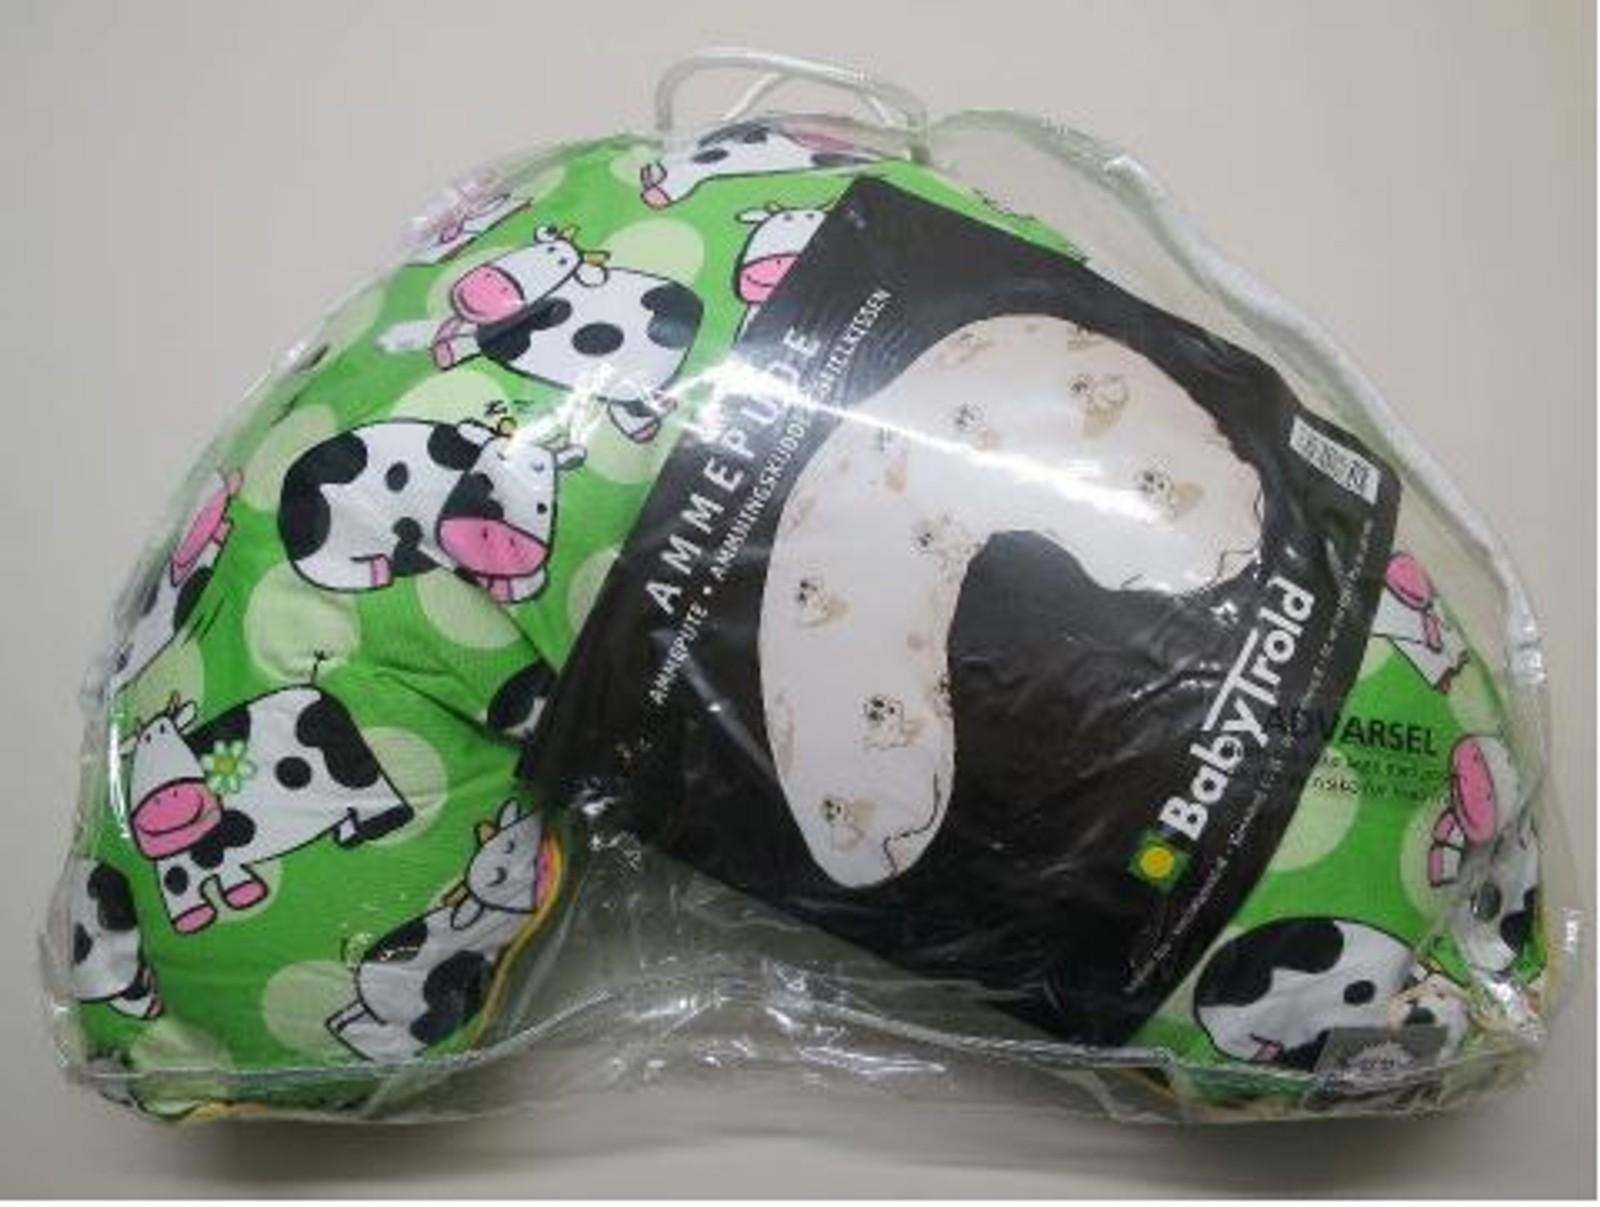 I Babytrold ammepute, også fra Rudo, ble det avdekket flere farlige stoffer i emballasjen rundt produktet.